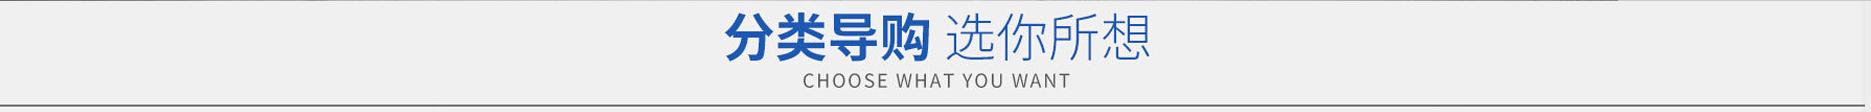 深圳市安達凱電子有限公司